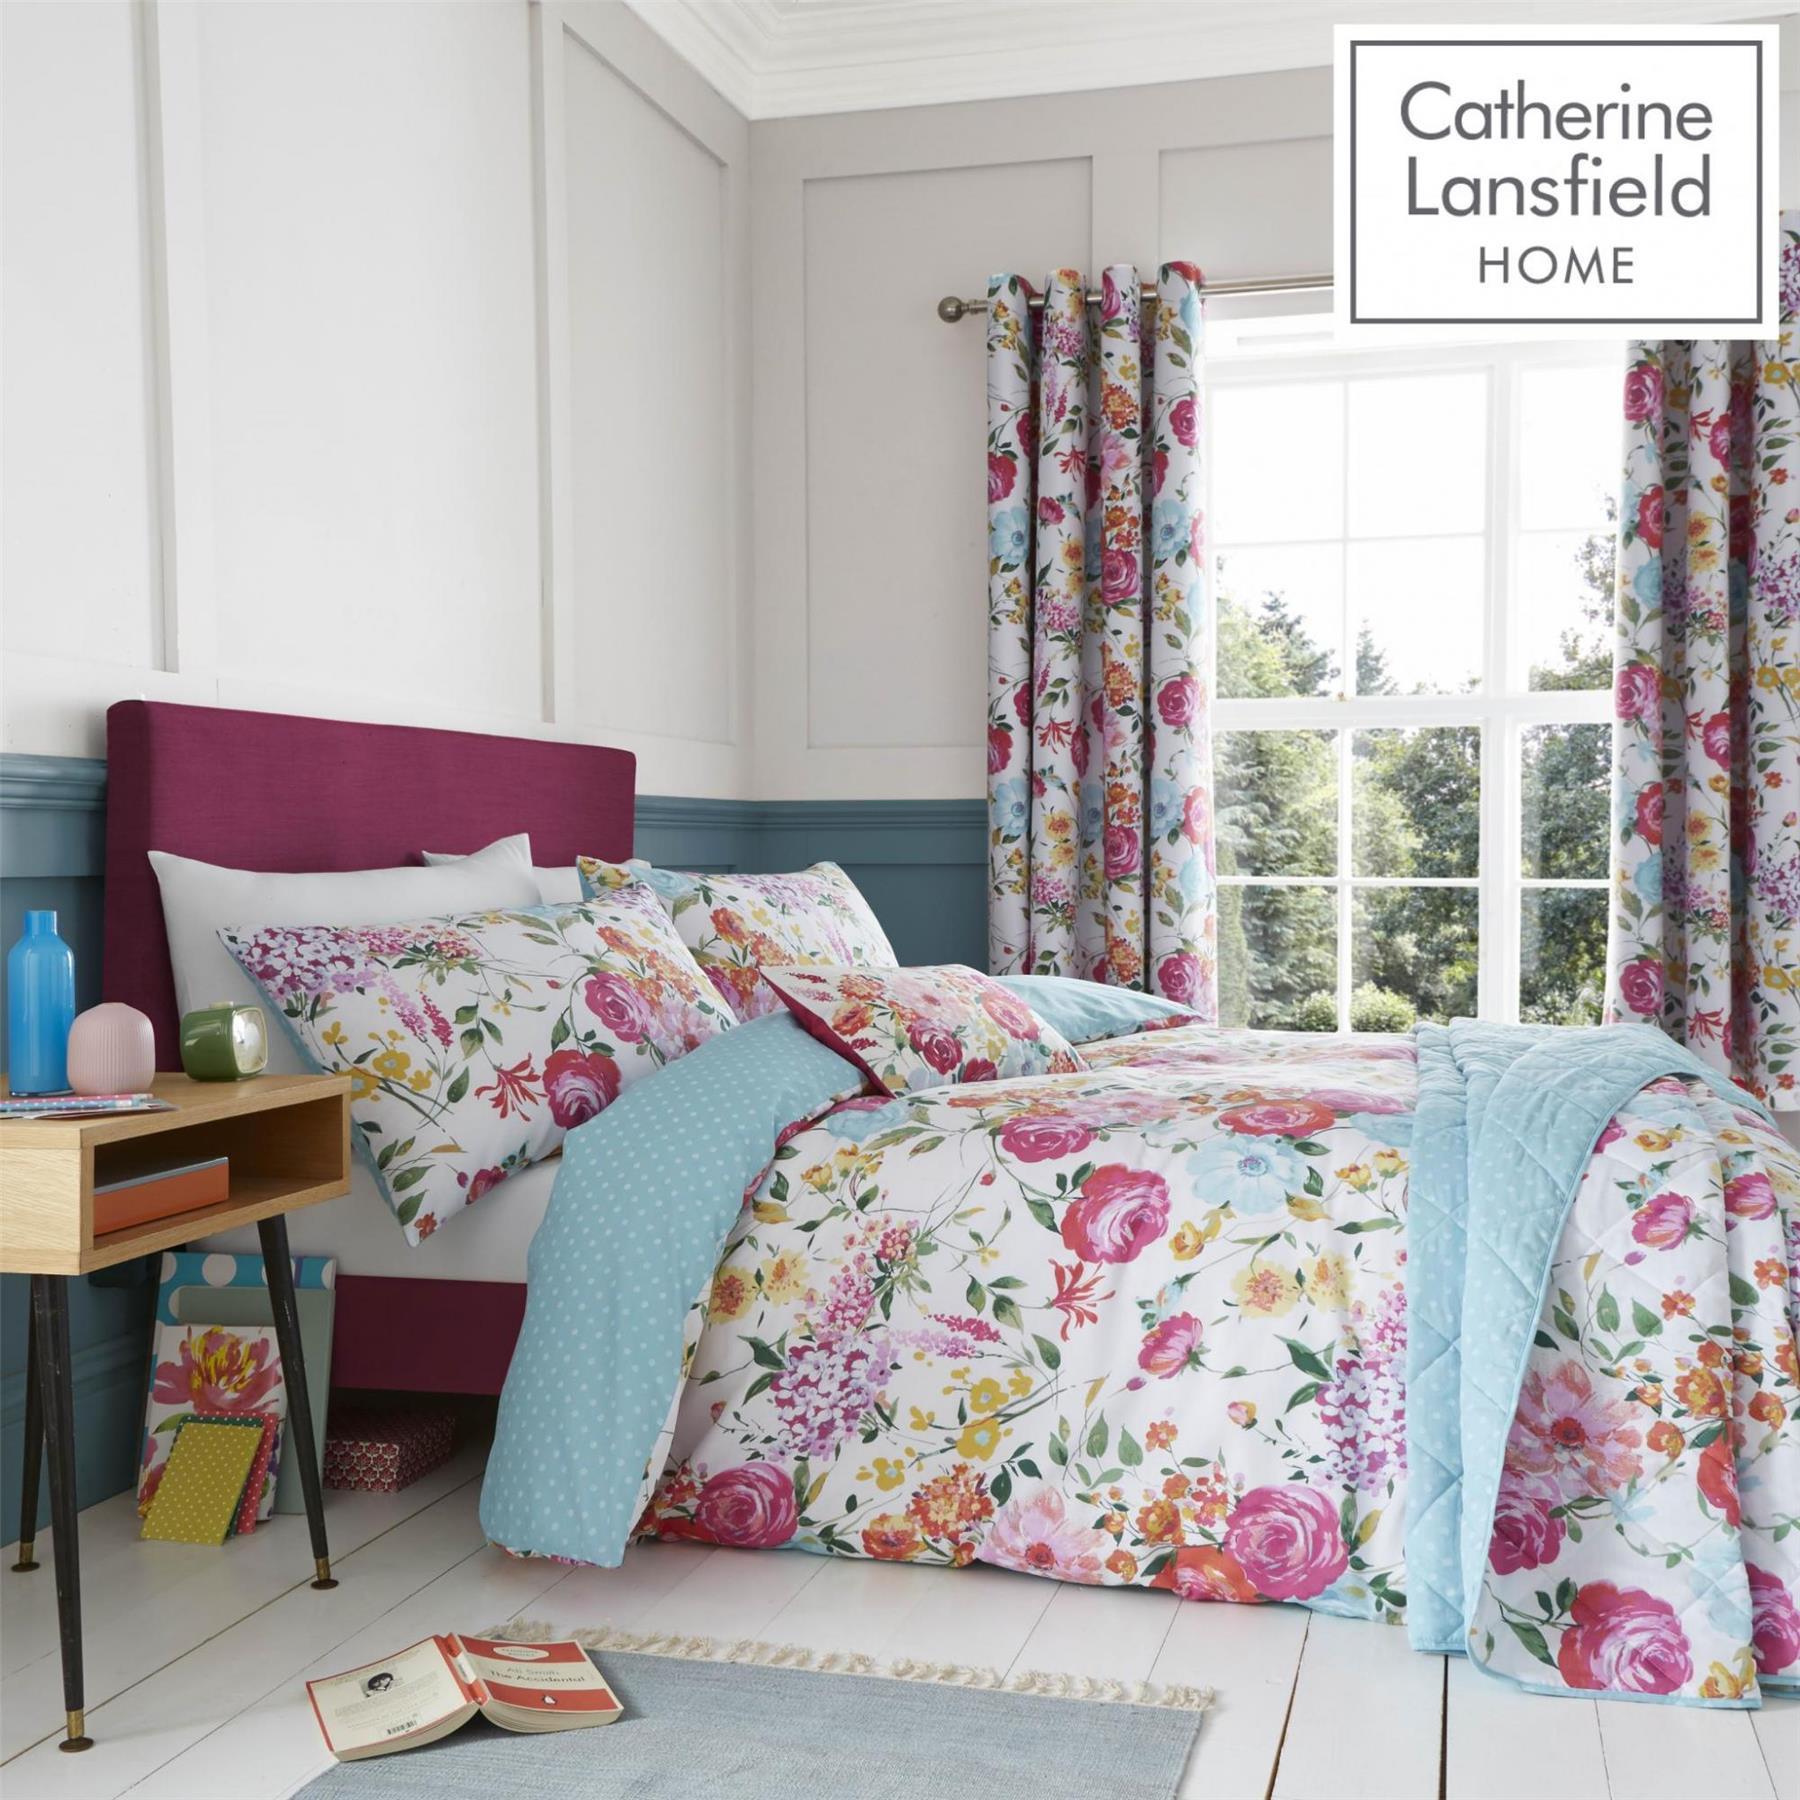 Catherine-Lansfield-biancheria-da-letto-Salisbury-Copripiumino-Set-Tende-Cuscino-Copriletto miniatura 30